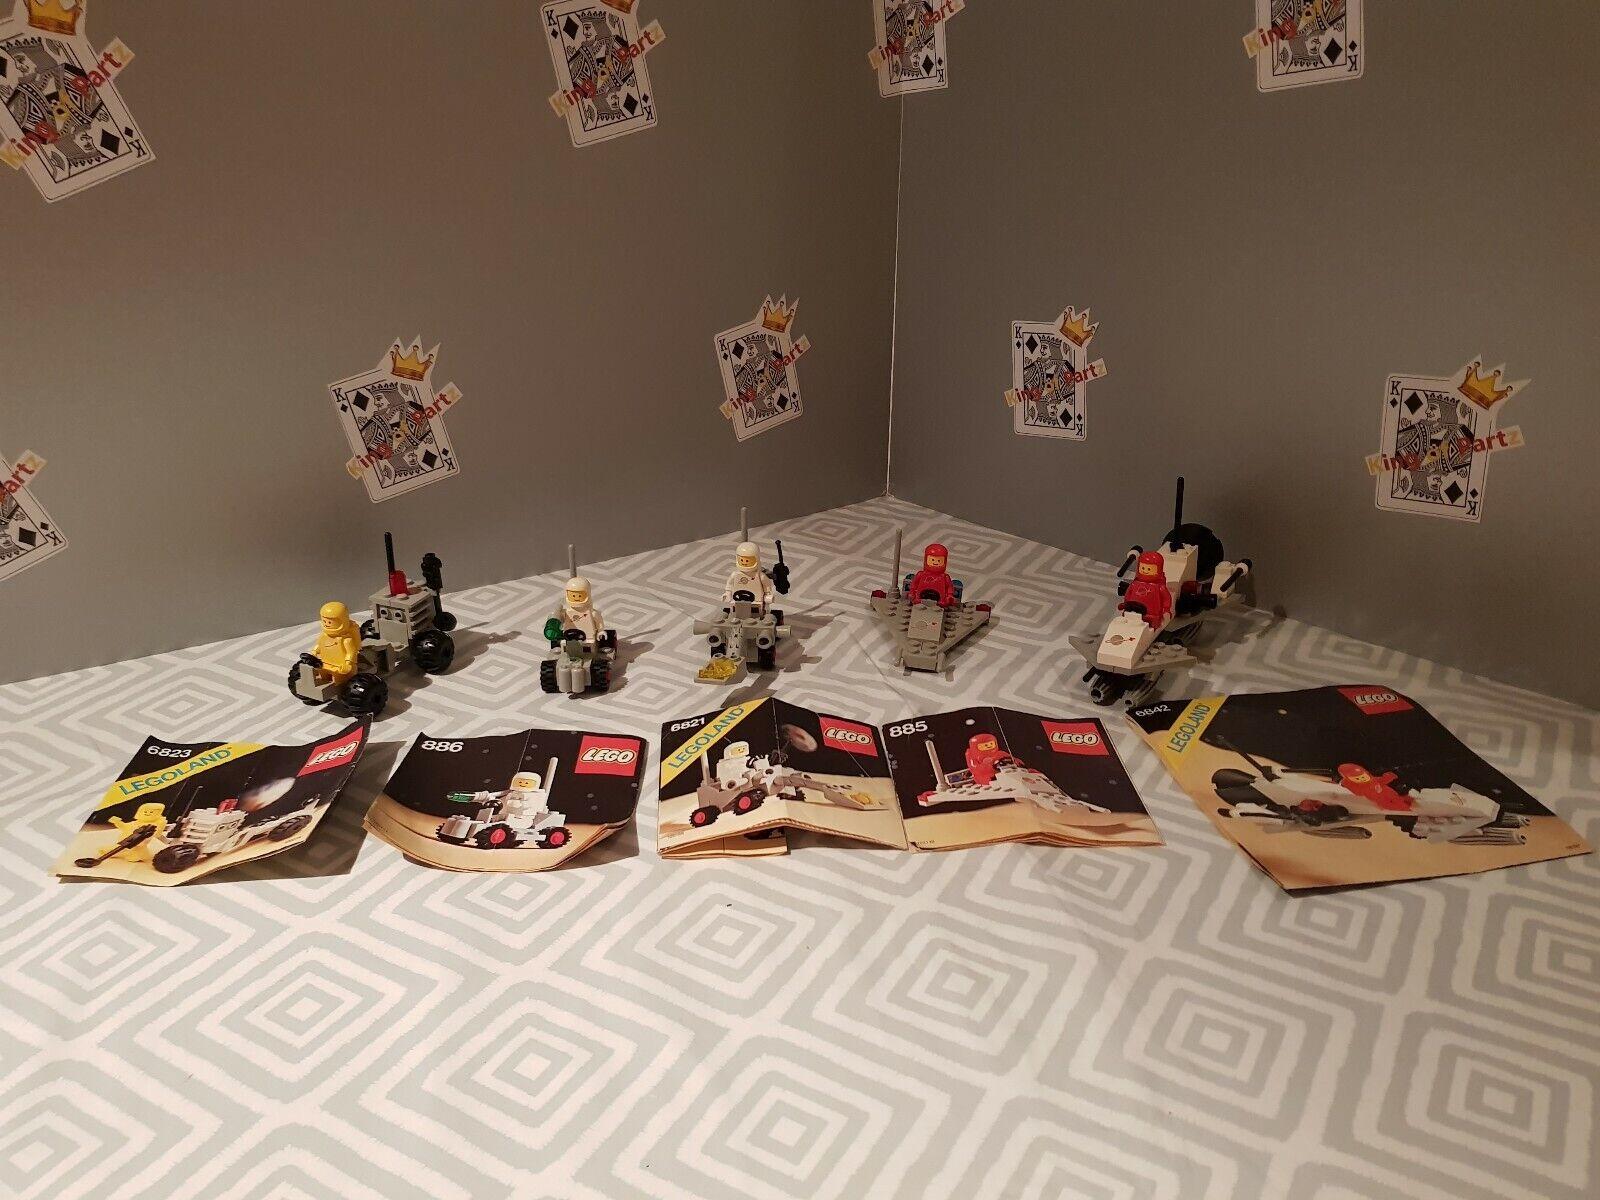 LEGO LEGOLAND SPACE SETS 6821,6823,6842,885,886